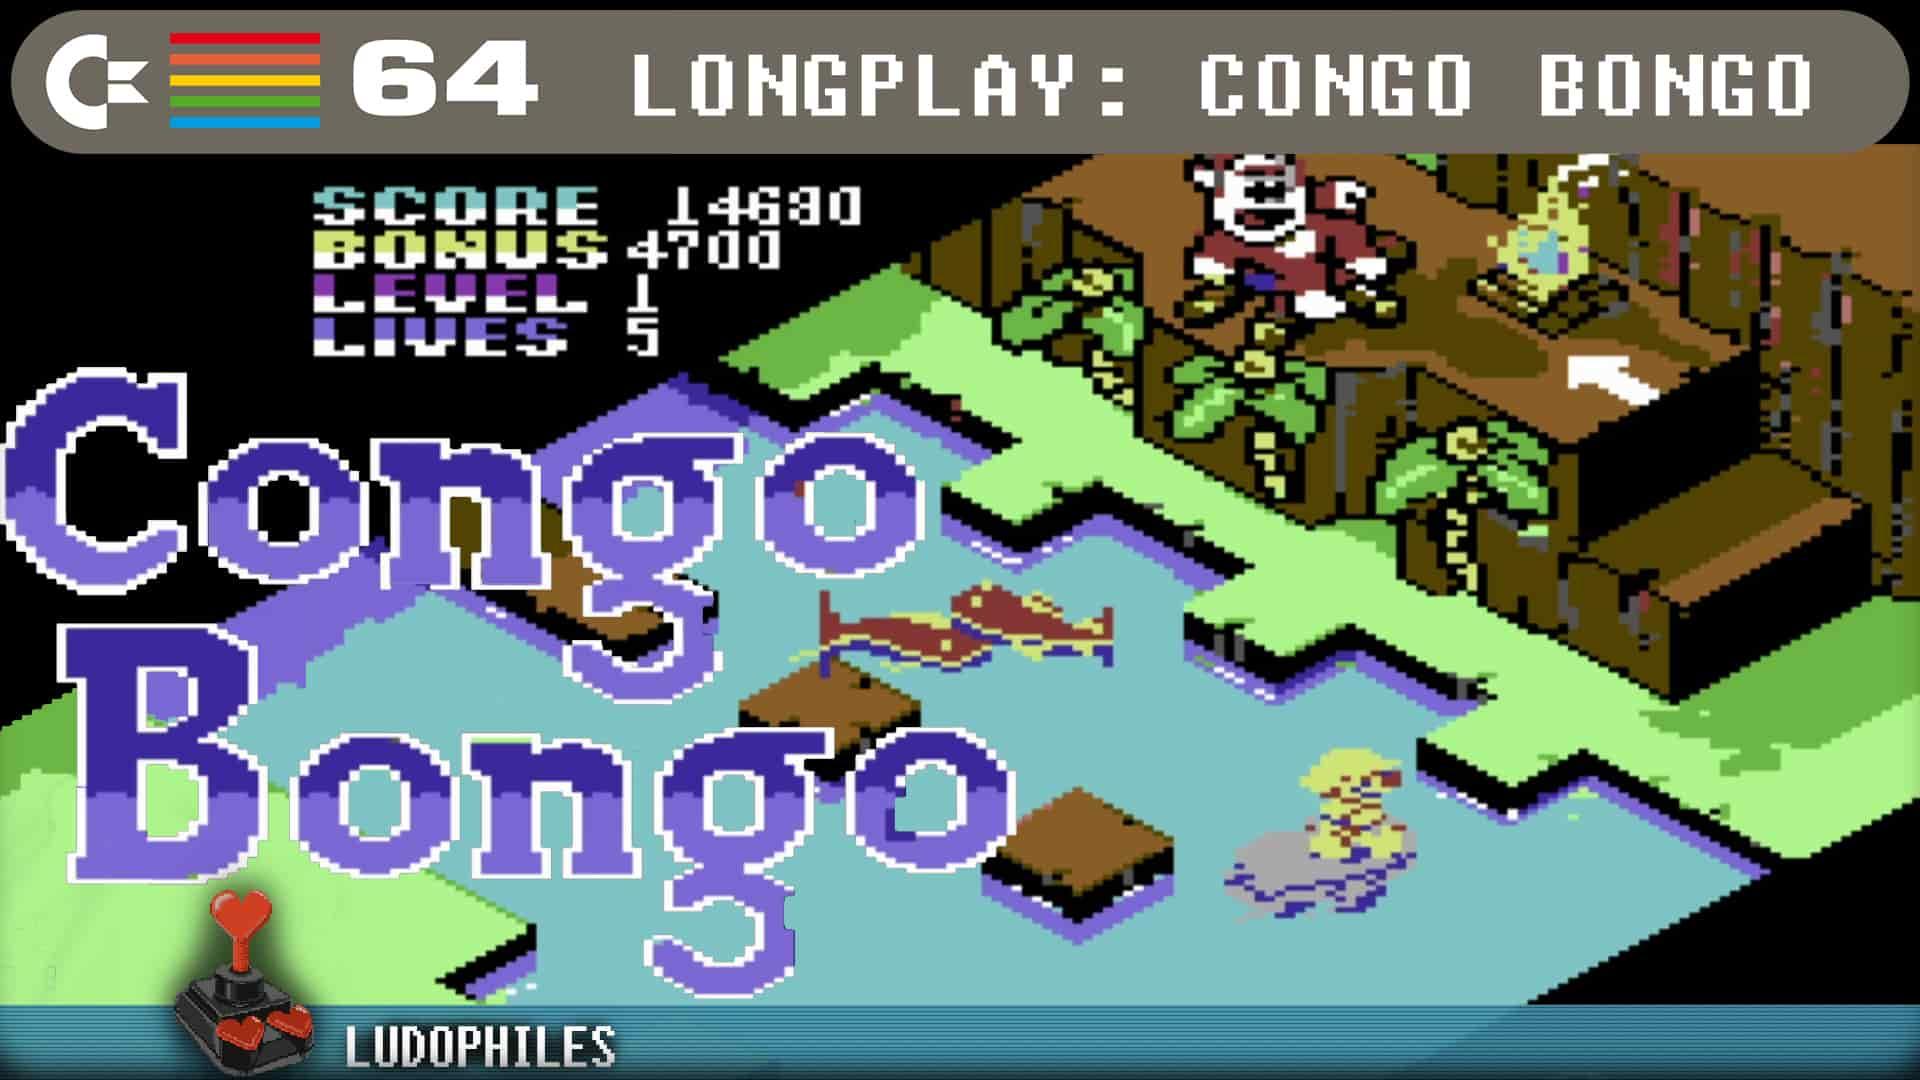 Congo Bongo 1985 C64 Longplay